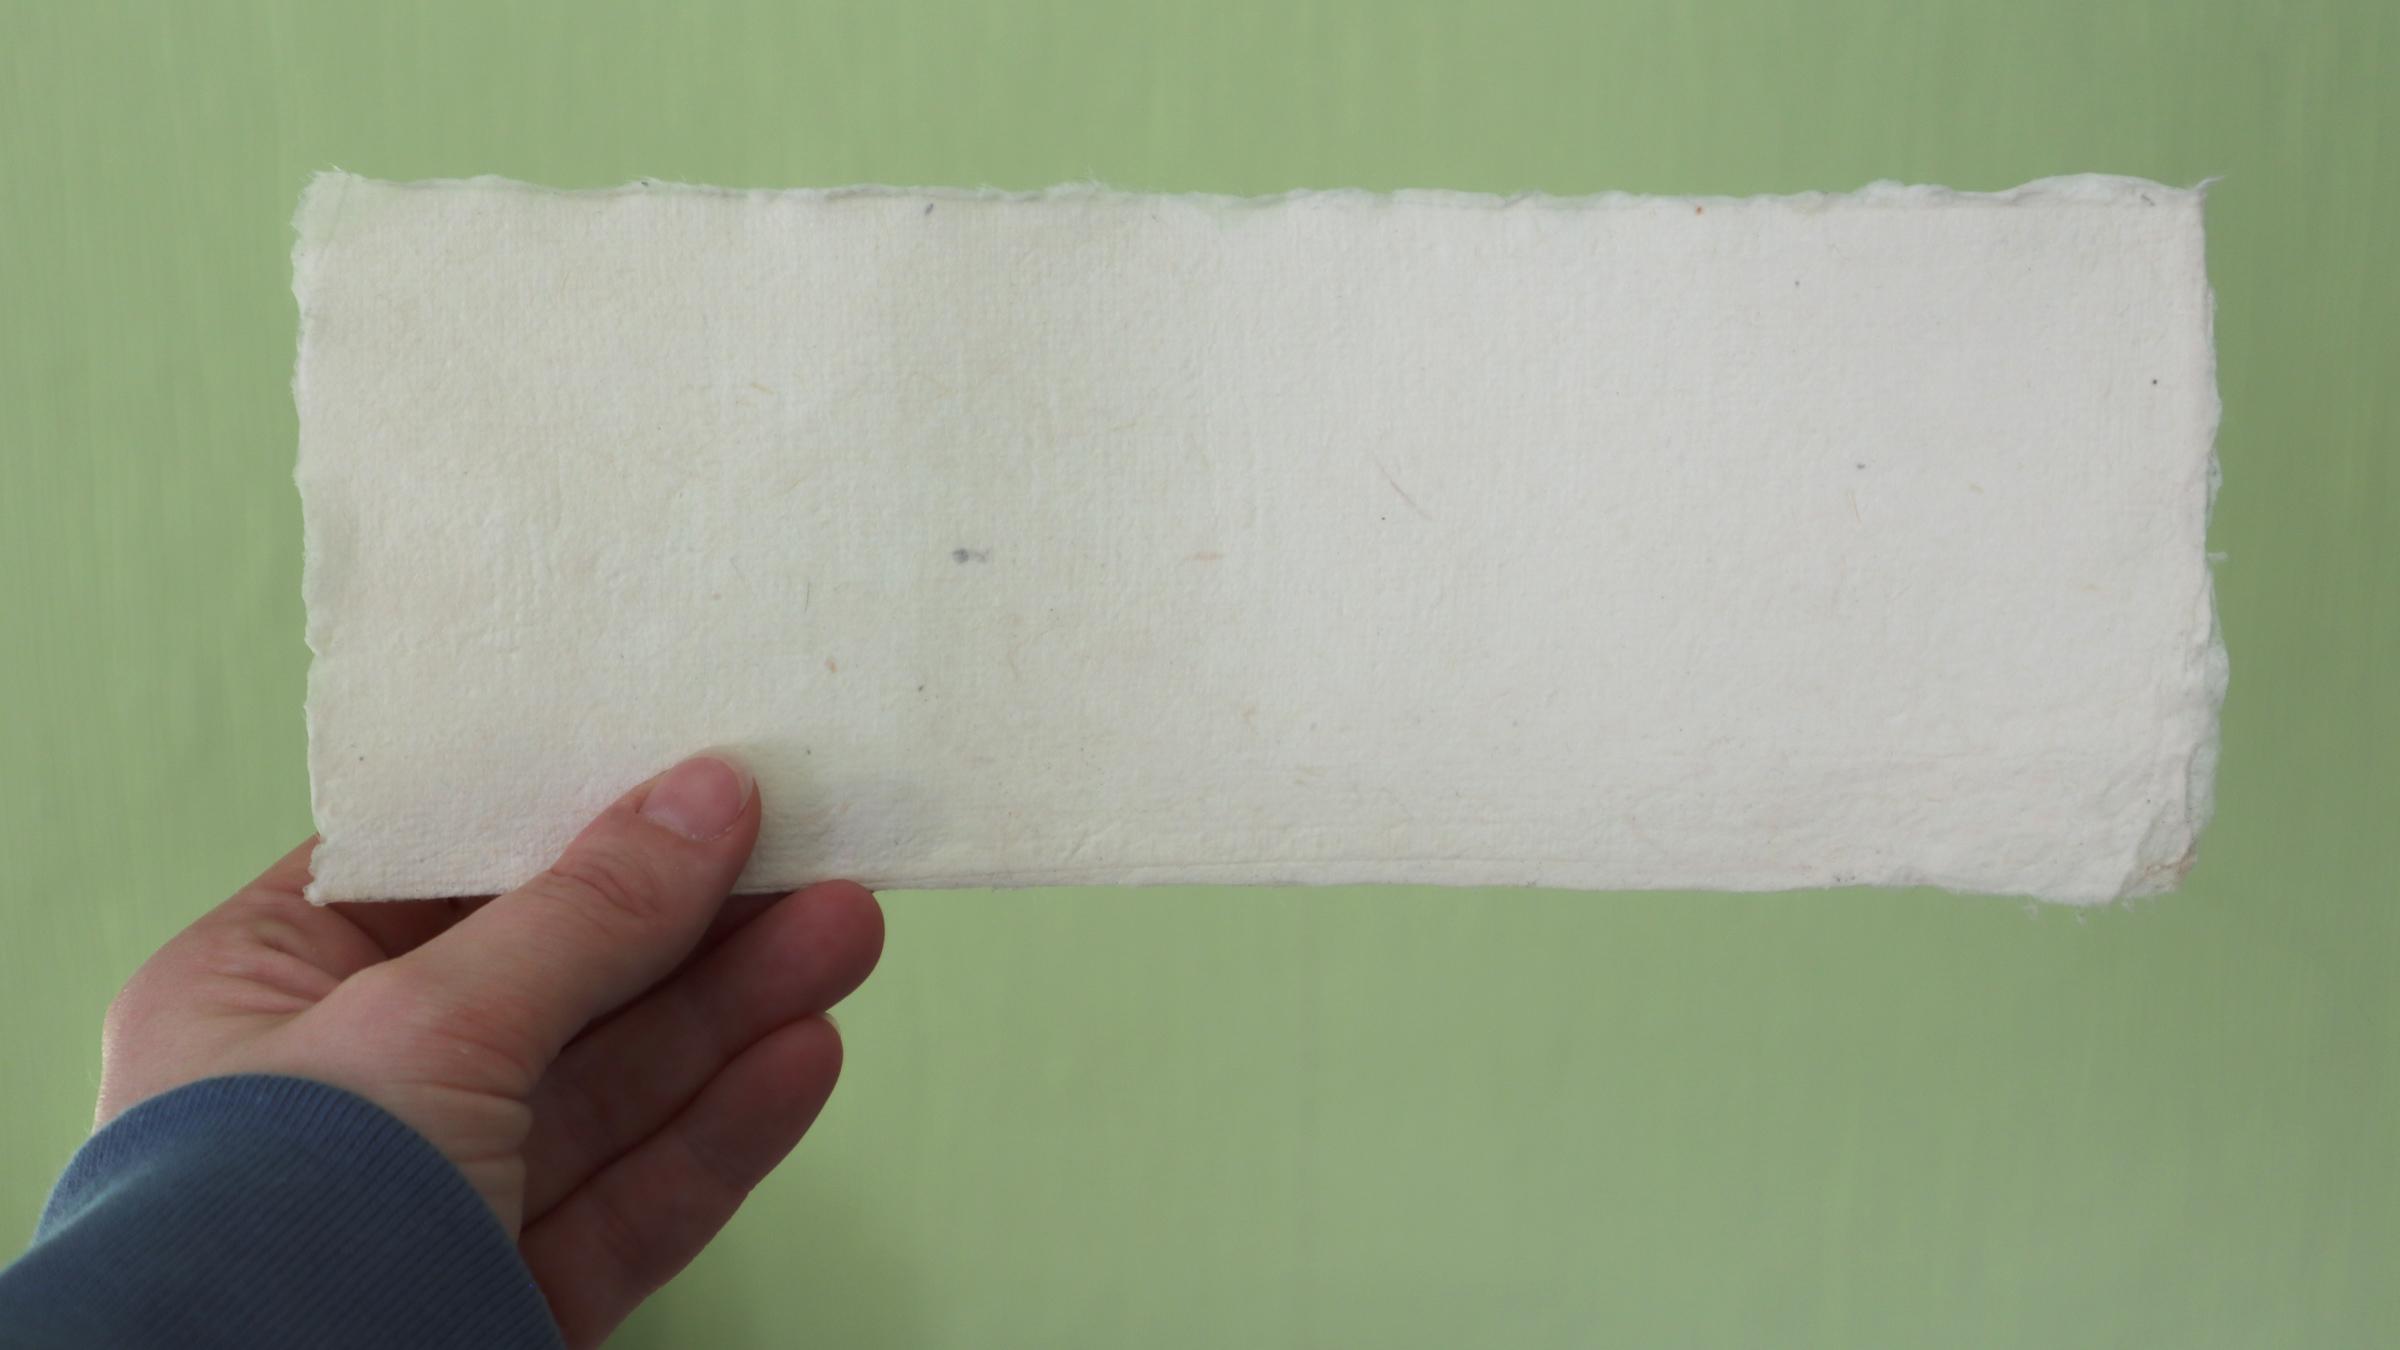 Fertiges Format mit verriebenen Kanten. Wer erkennt die echten Büttenränder?